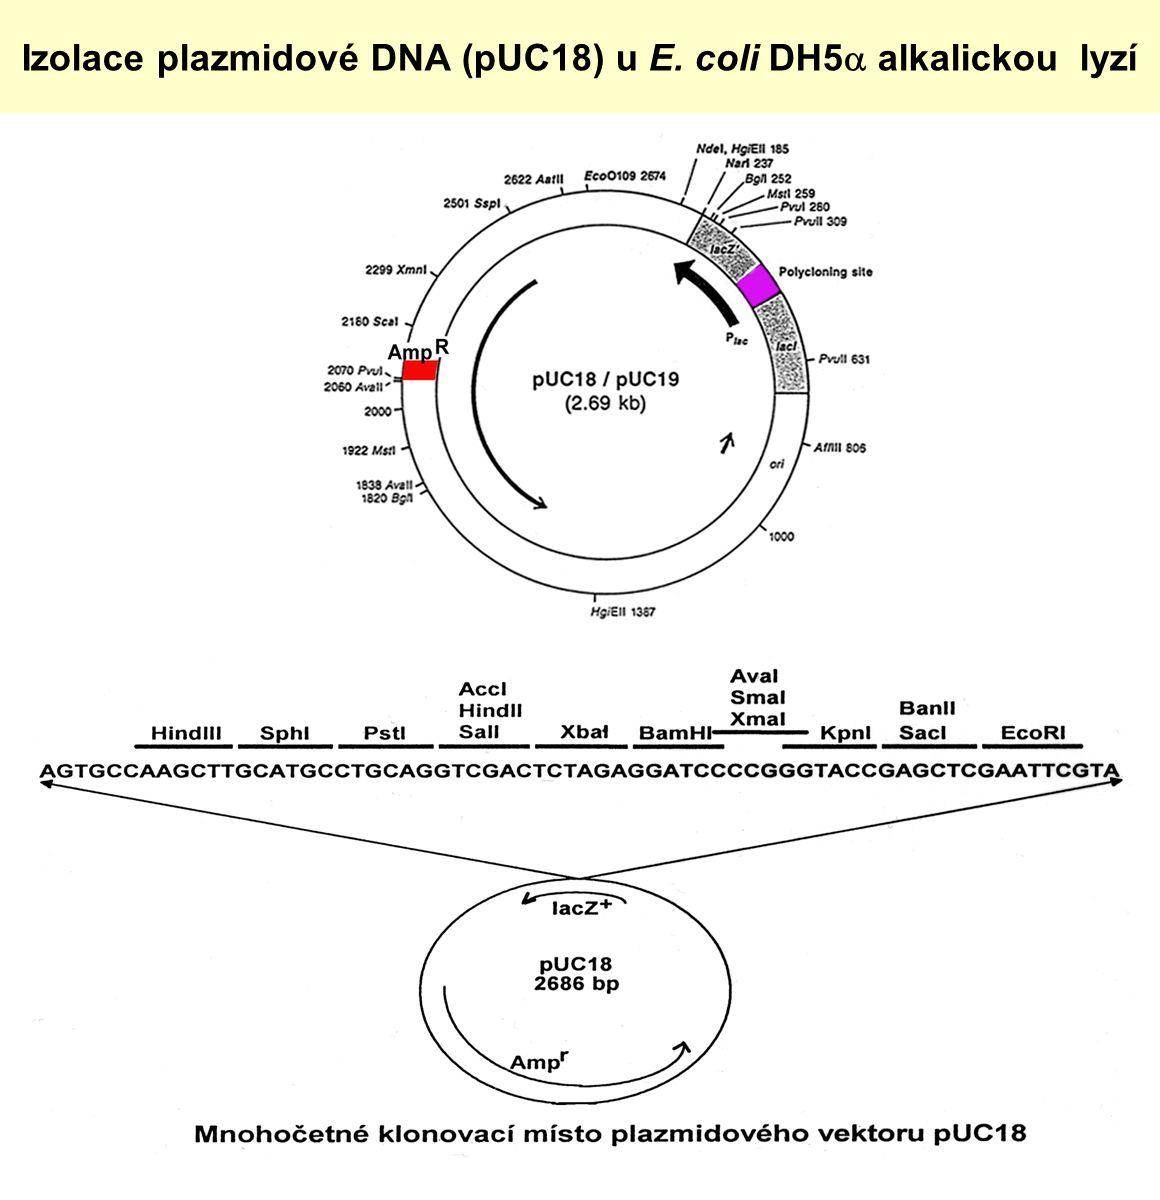 Izolace plazmidové DNA (pUC18) u E. coli DH5  alkalickou lyzí